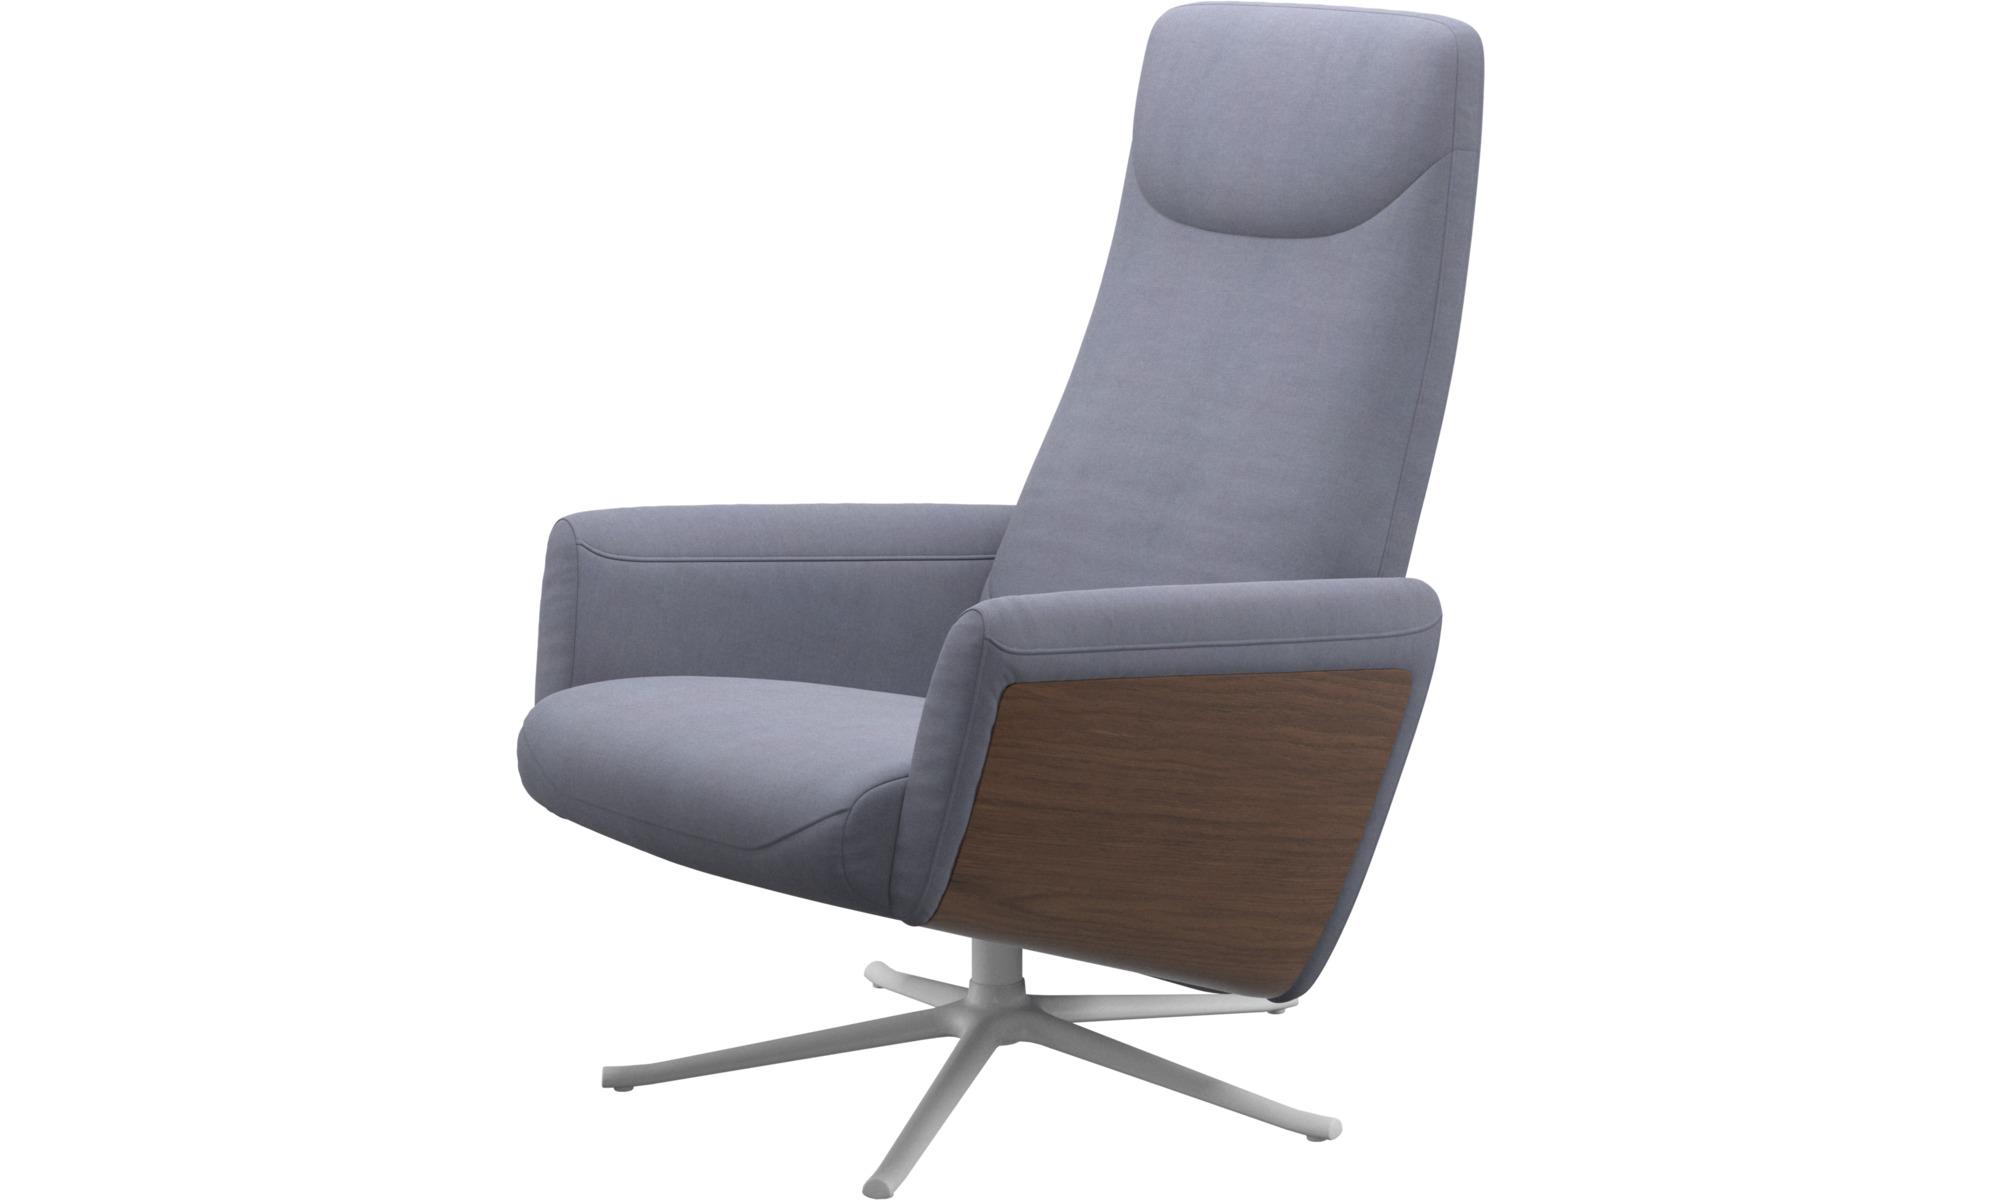 Reclináveis - Cadeirão reclinável Lucca com função giratória - Azul - Tecido